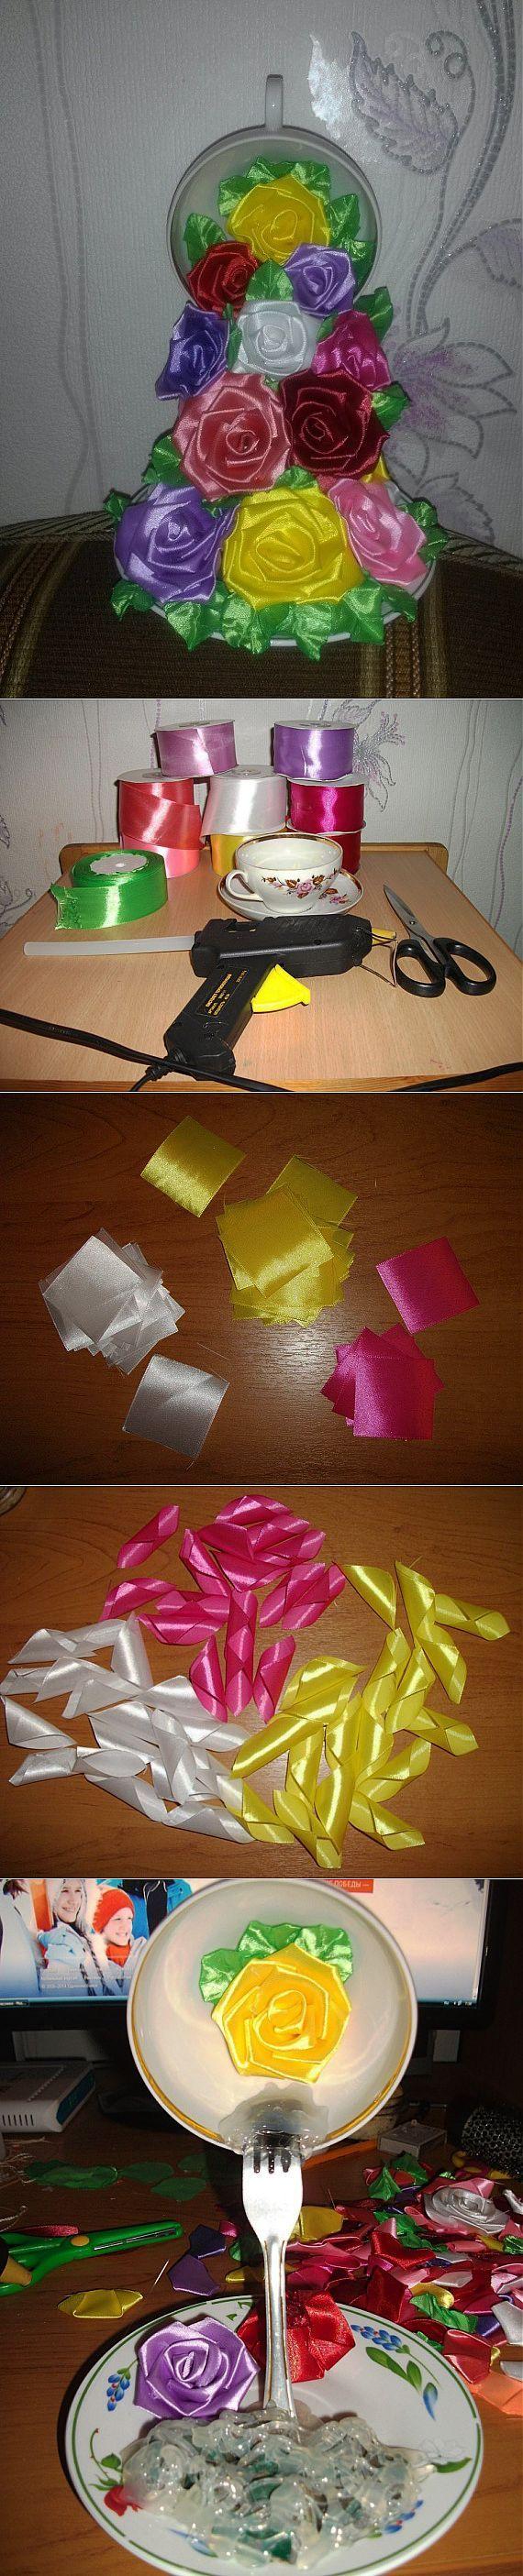 Парящая чашка 'Водопад роз' / Цветочное настроение / PassionForum - мастер-классы по рукоделию